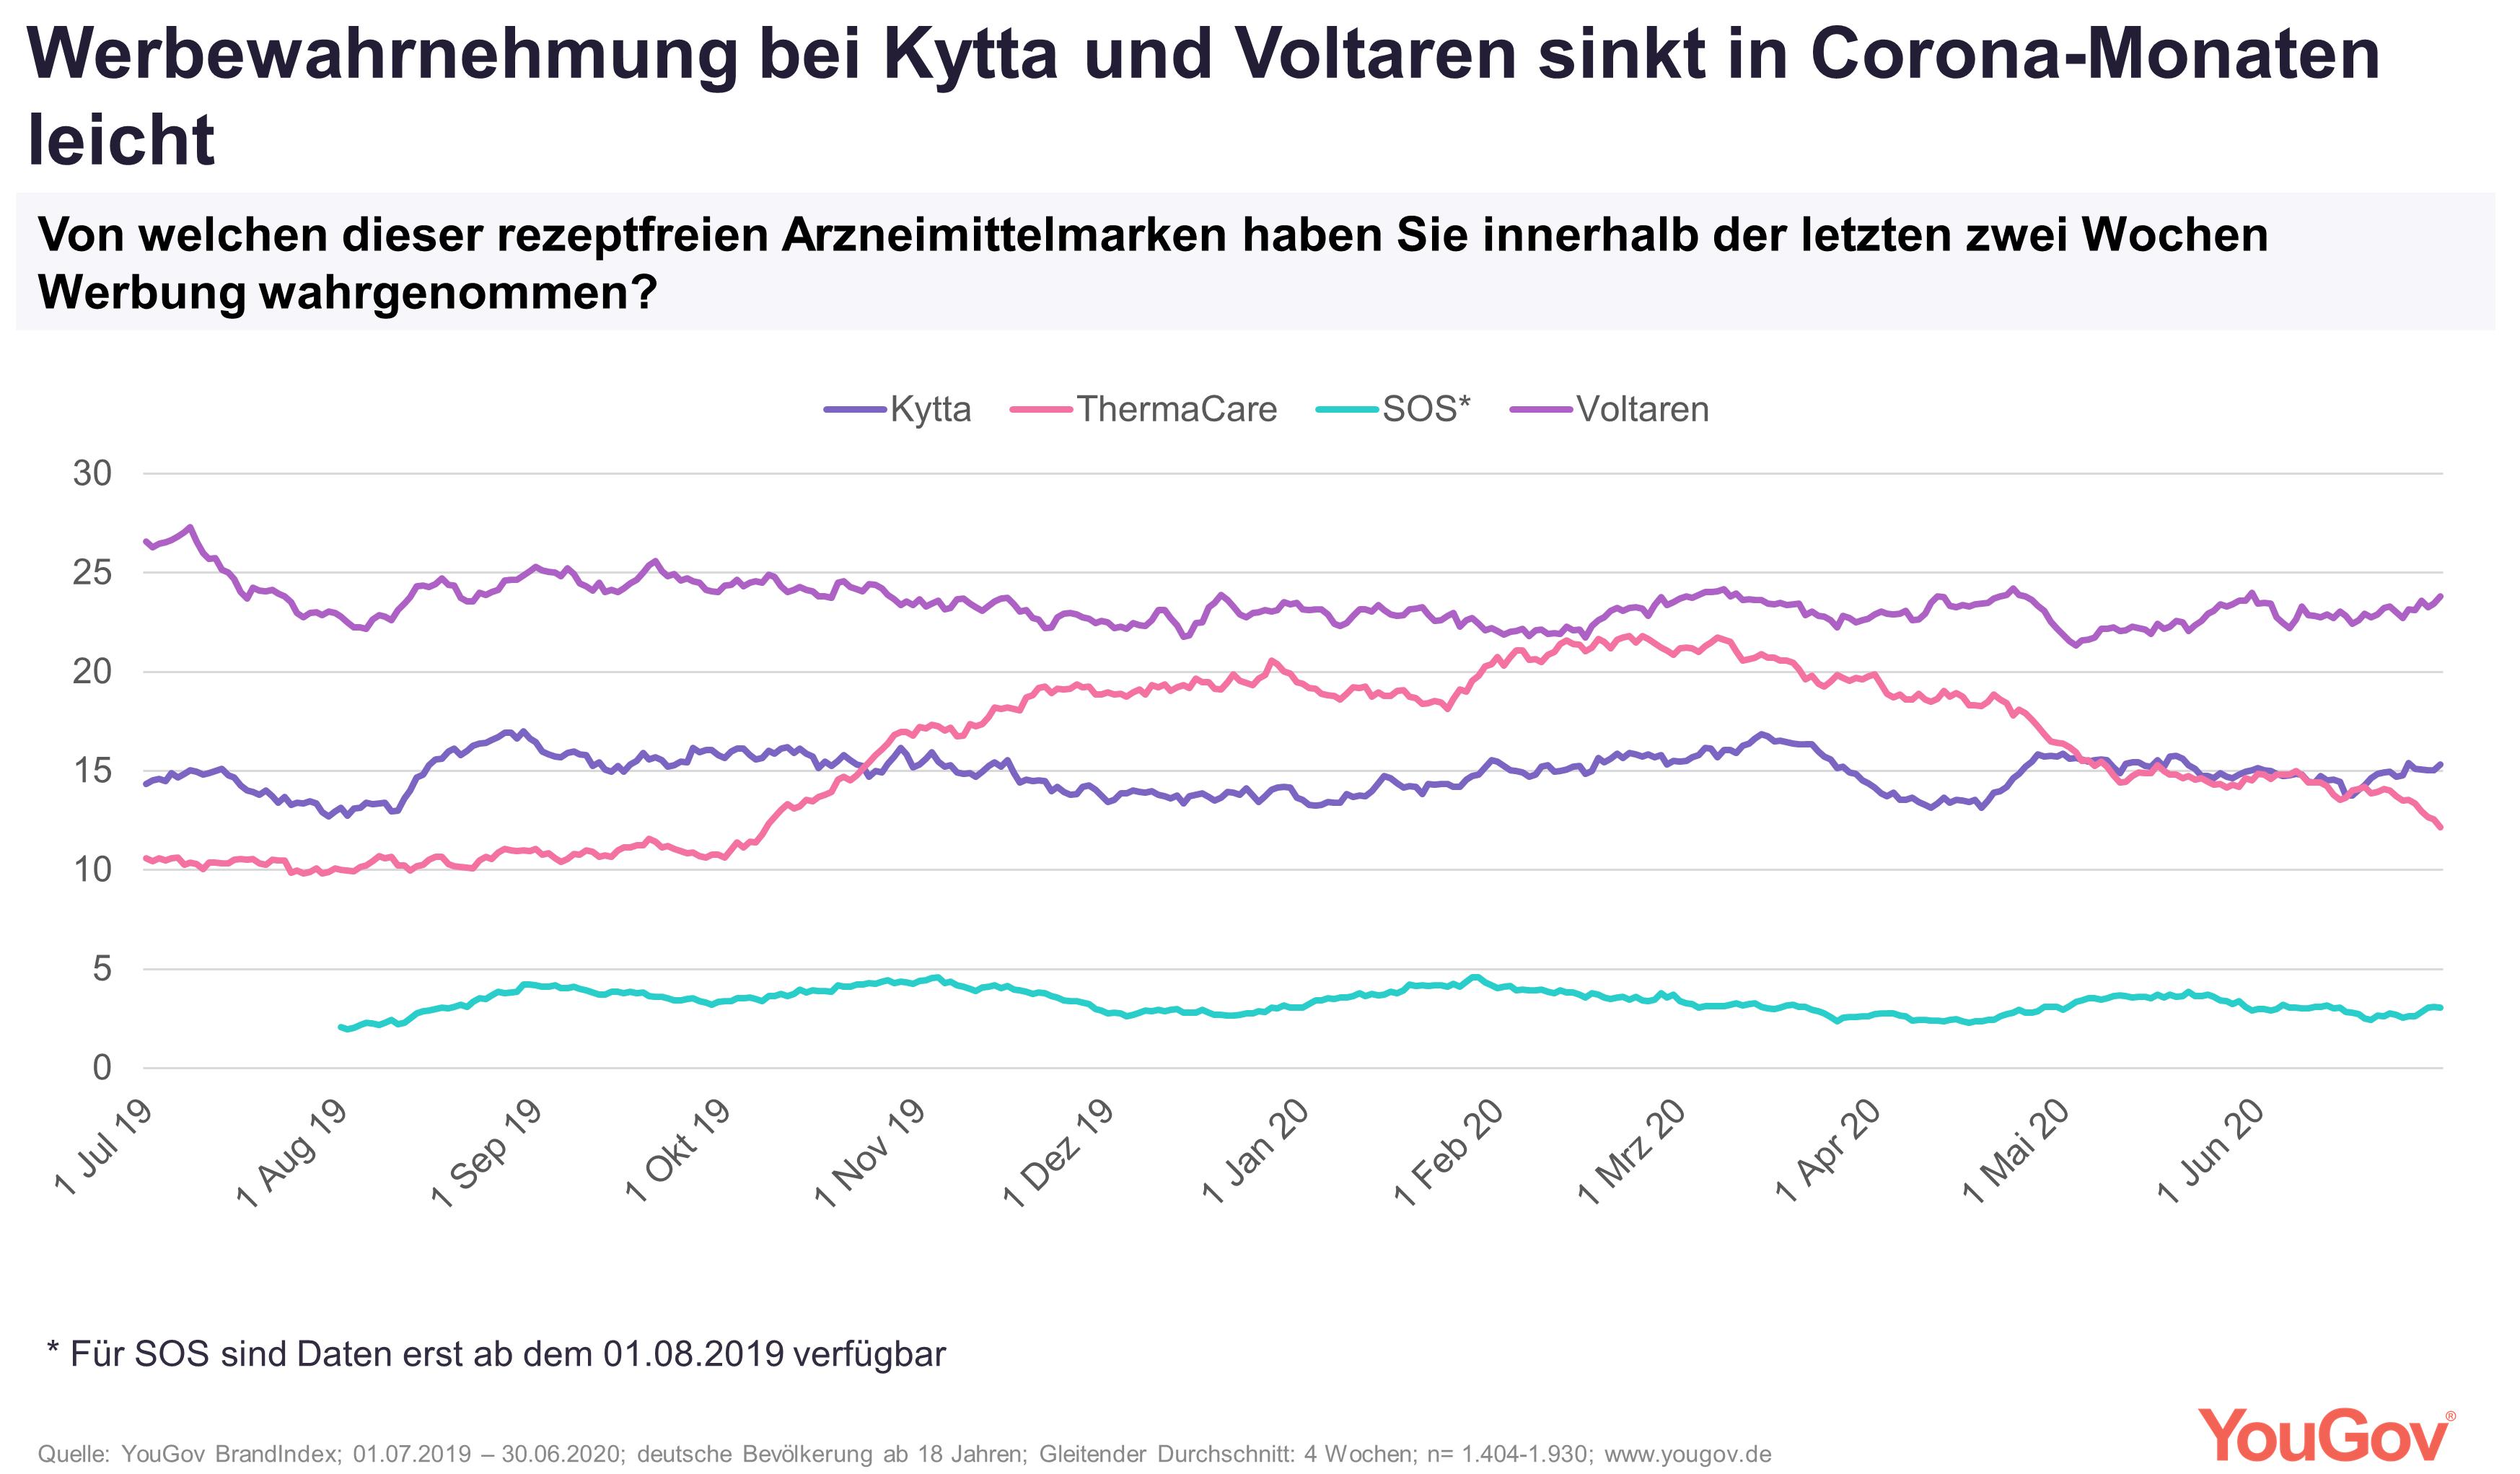 Werbewahrnehmung von Voltaren und Kytta sinkt in Corona-Monaten leicht